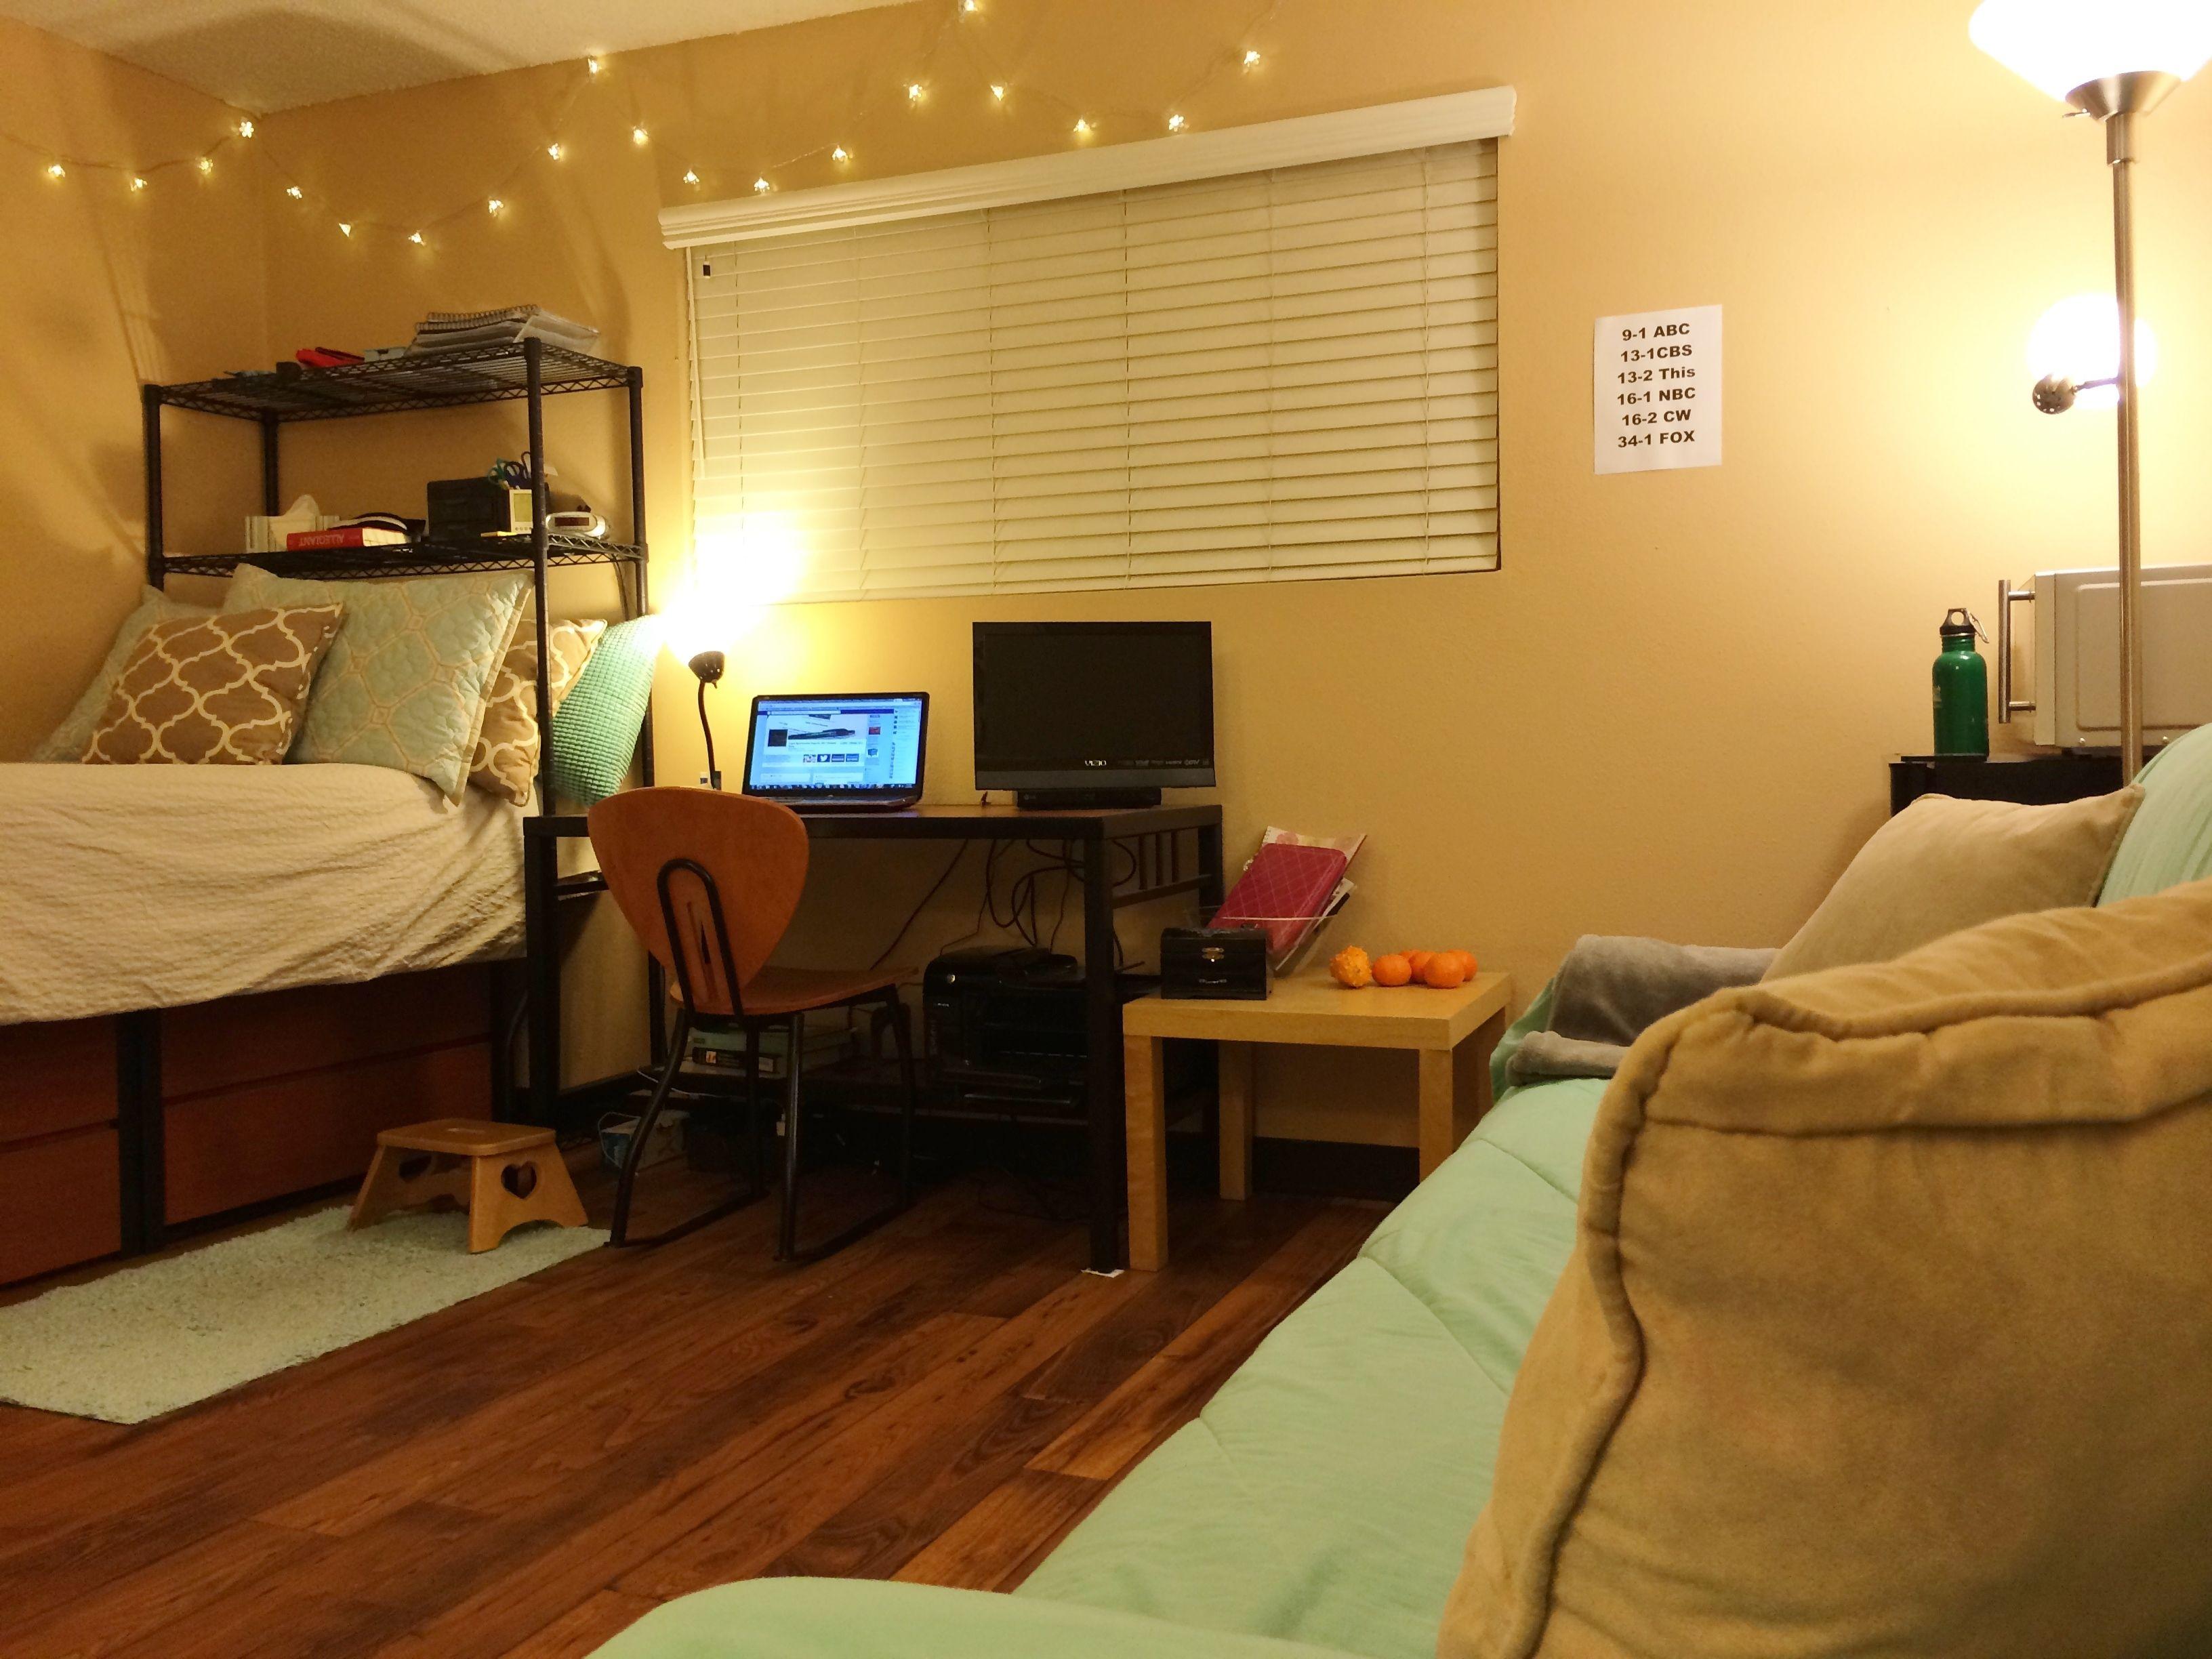 Superbe College Apartment Bedroom Ideas